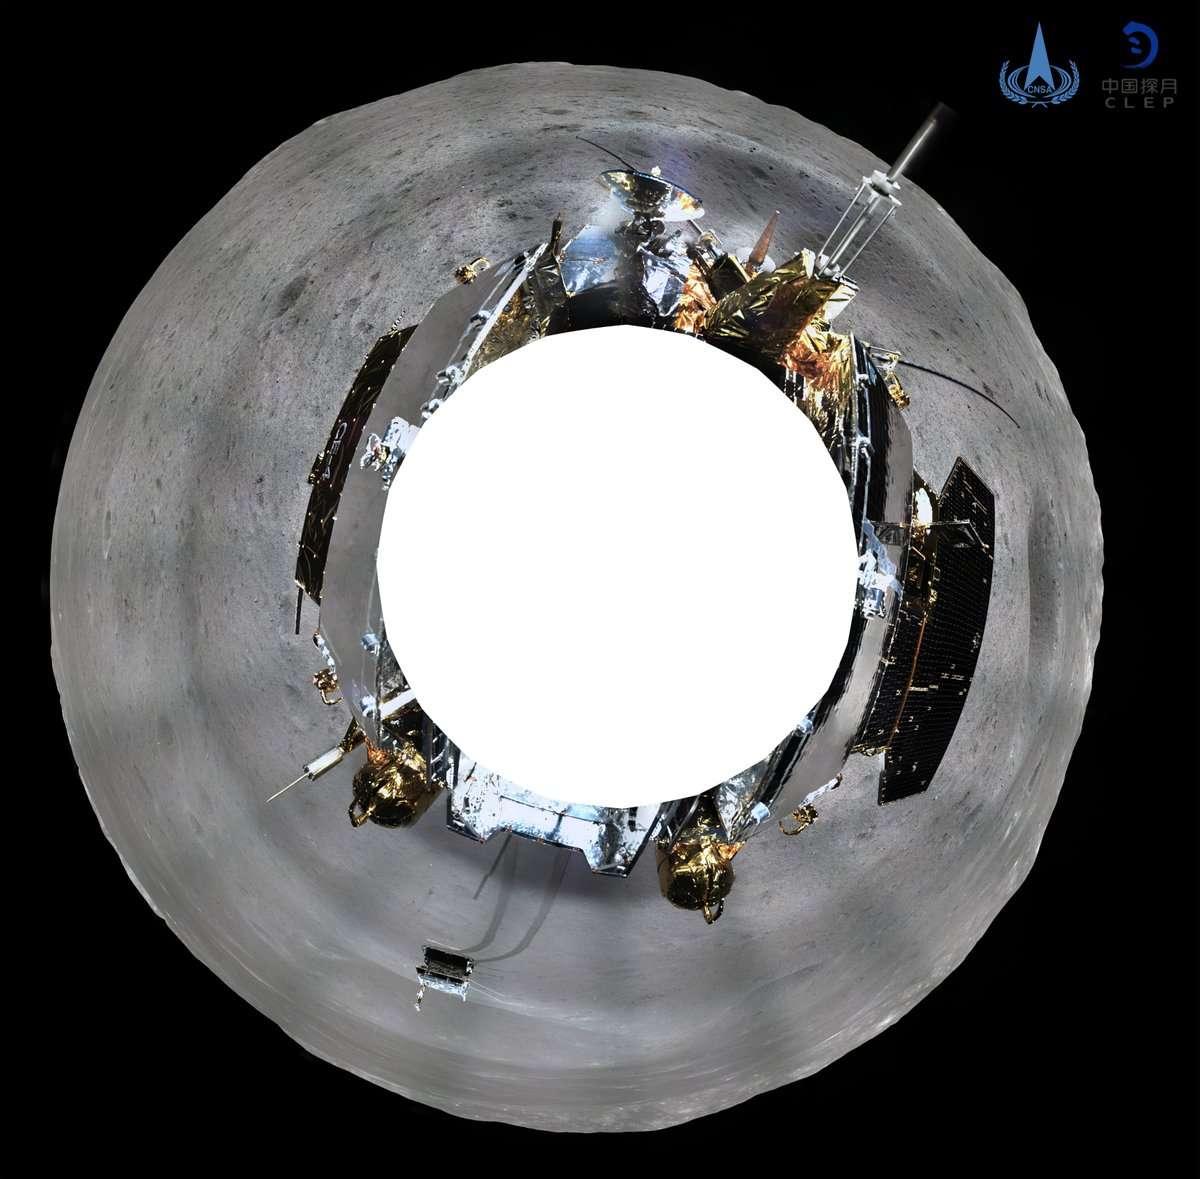 Vue à 360° de la face cachée de la Lune prise par une caméra embarquée sur le rover chinois Yutu 2 de la mission Chang'e 4, la première à atterrir sur ce côté de de notre satellite.© Xinhua/China National Space Administration (CNSA)